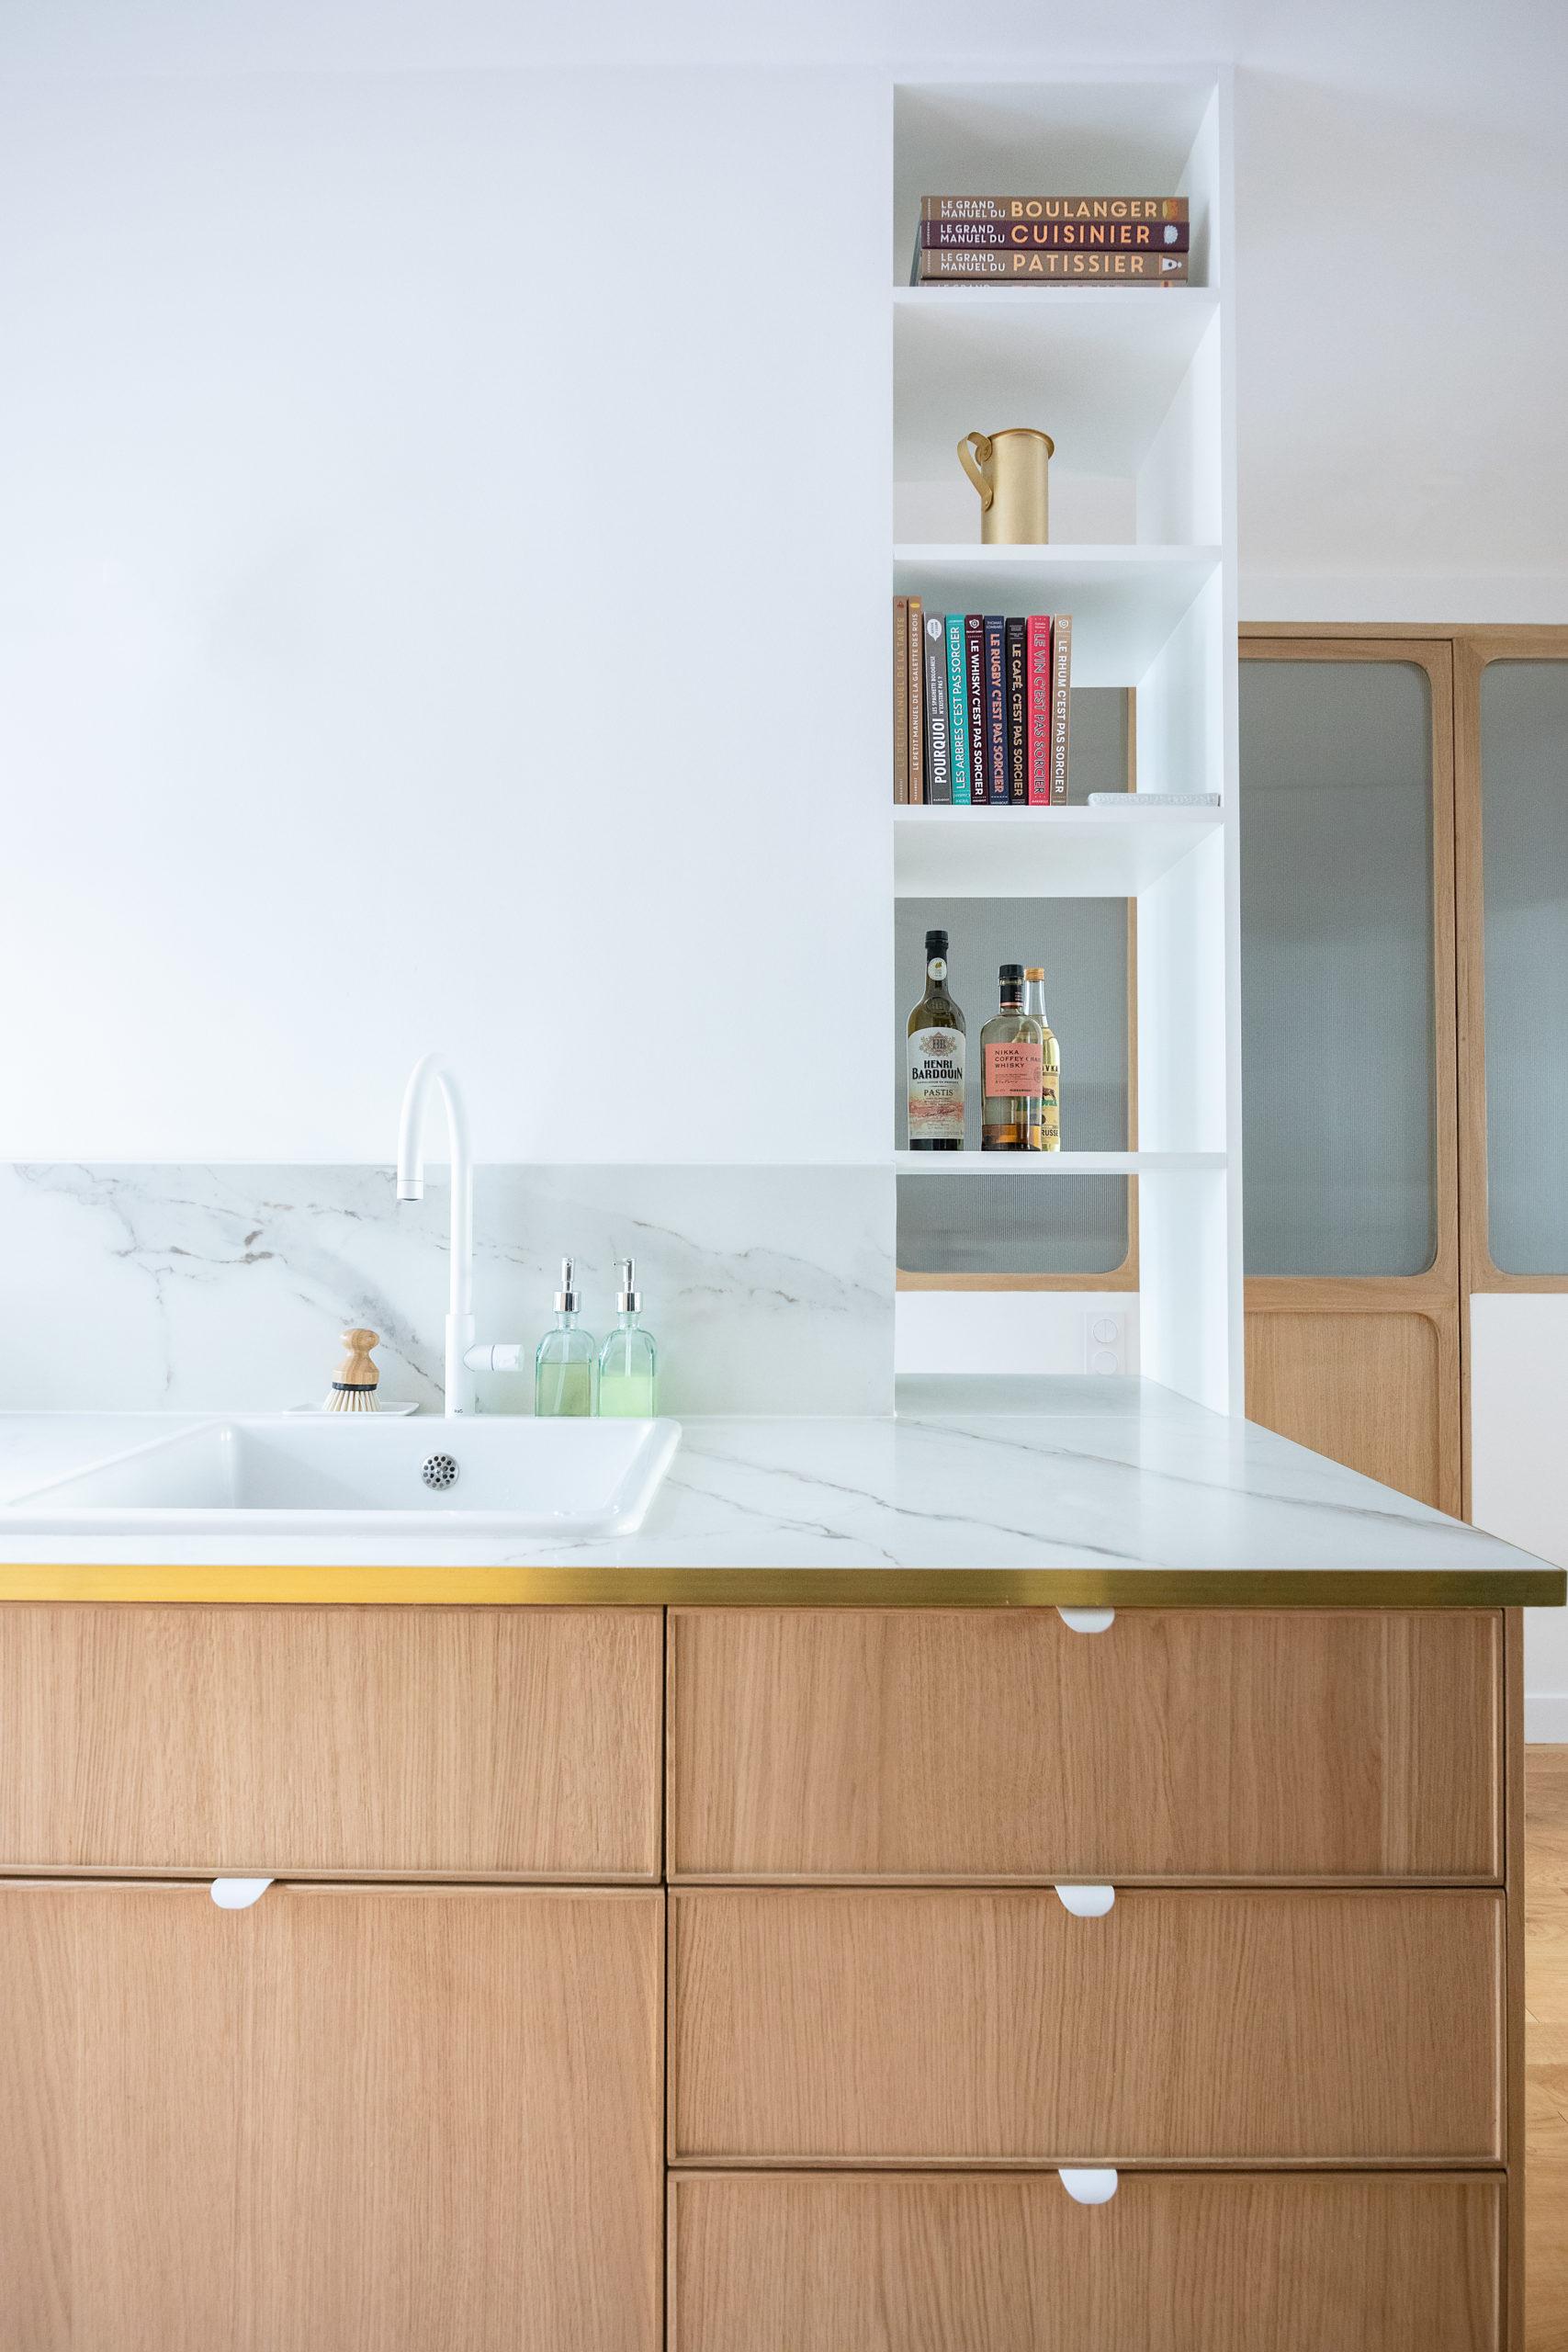 Cuisine bois et marbre - Architecte intérieur Studio Mariekke - Paris